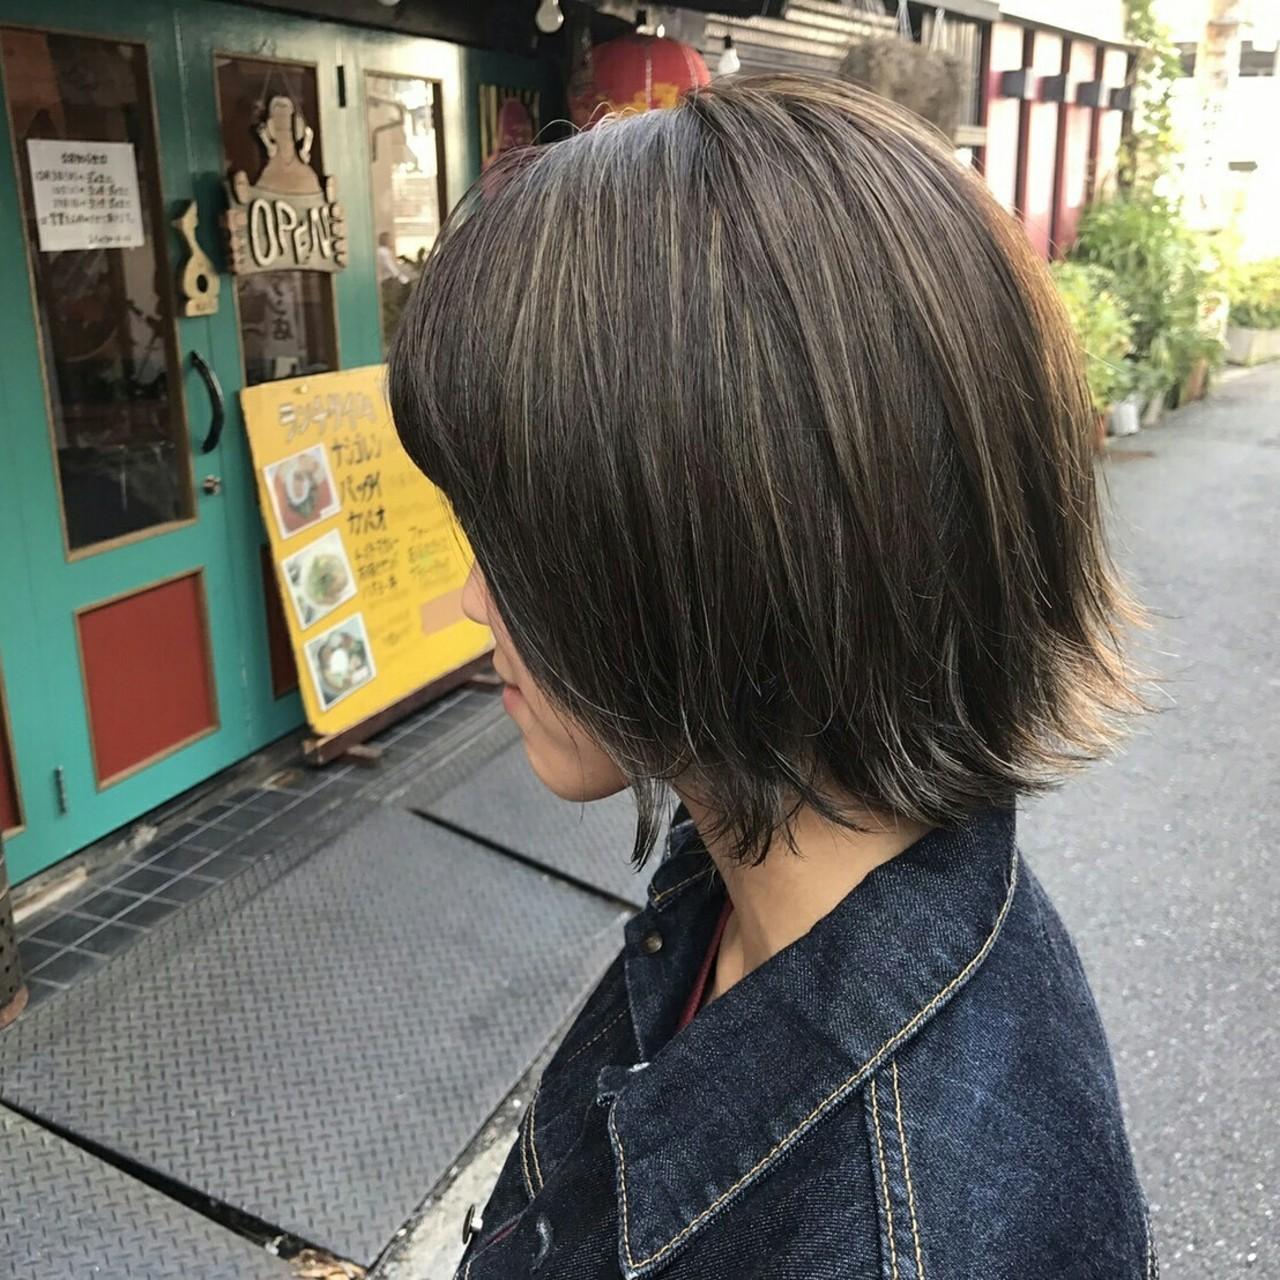 暗髪 ハイライト アッシュベージュ ボブ ヘアスタイルや髪型の写真・画像